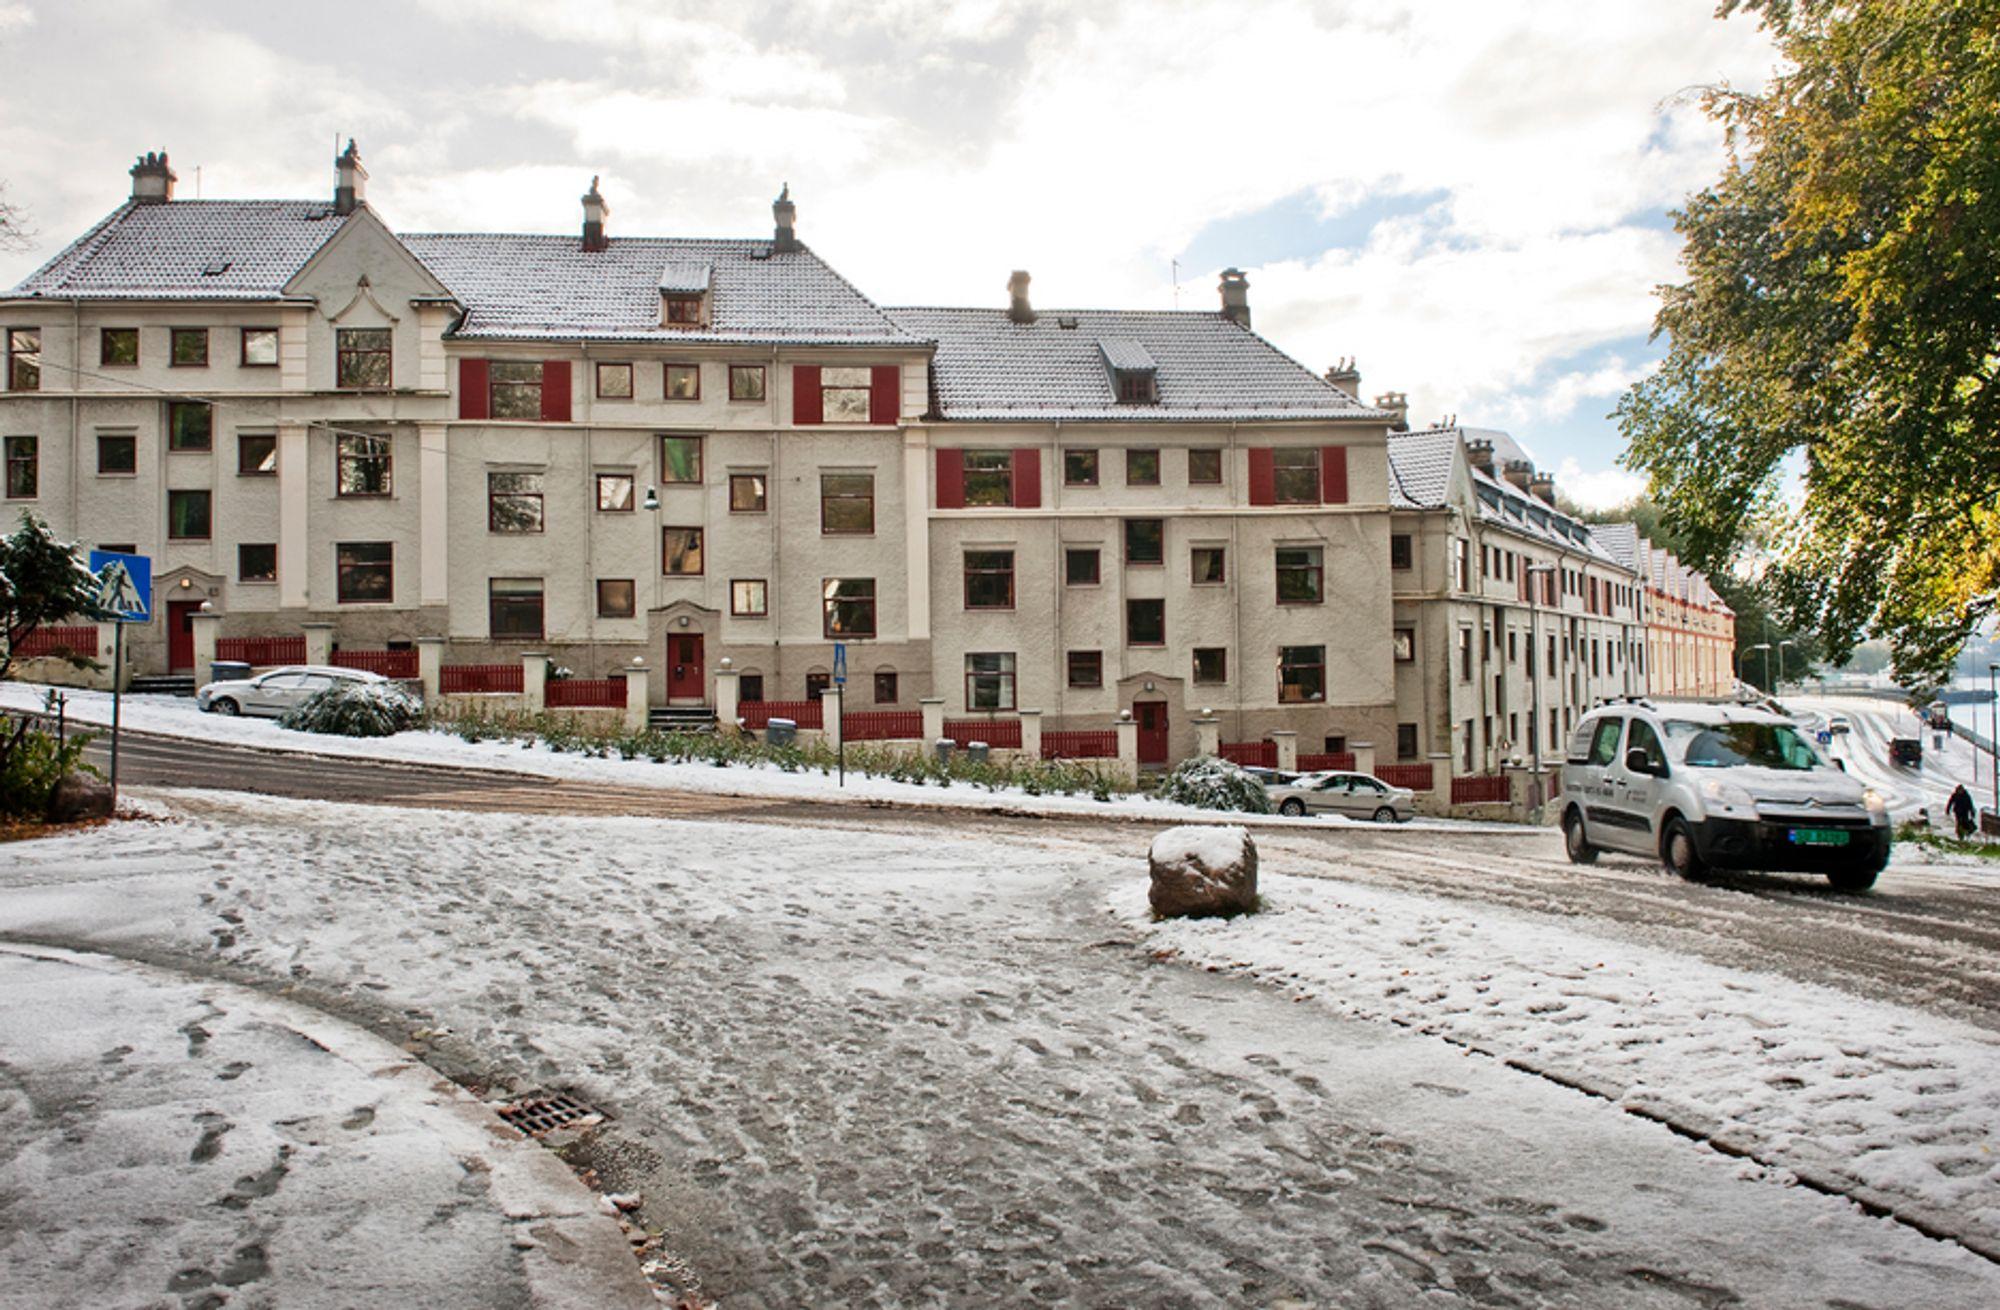 AVGJORT: Fem boligeiere i denne bygården i Bergen får nå hevet sine kjøp etter en flere år lang strid om setningsskader og reklamasjonsfrist.